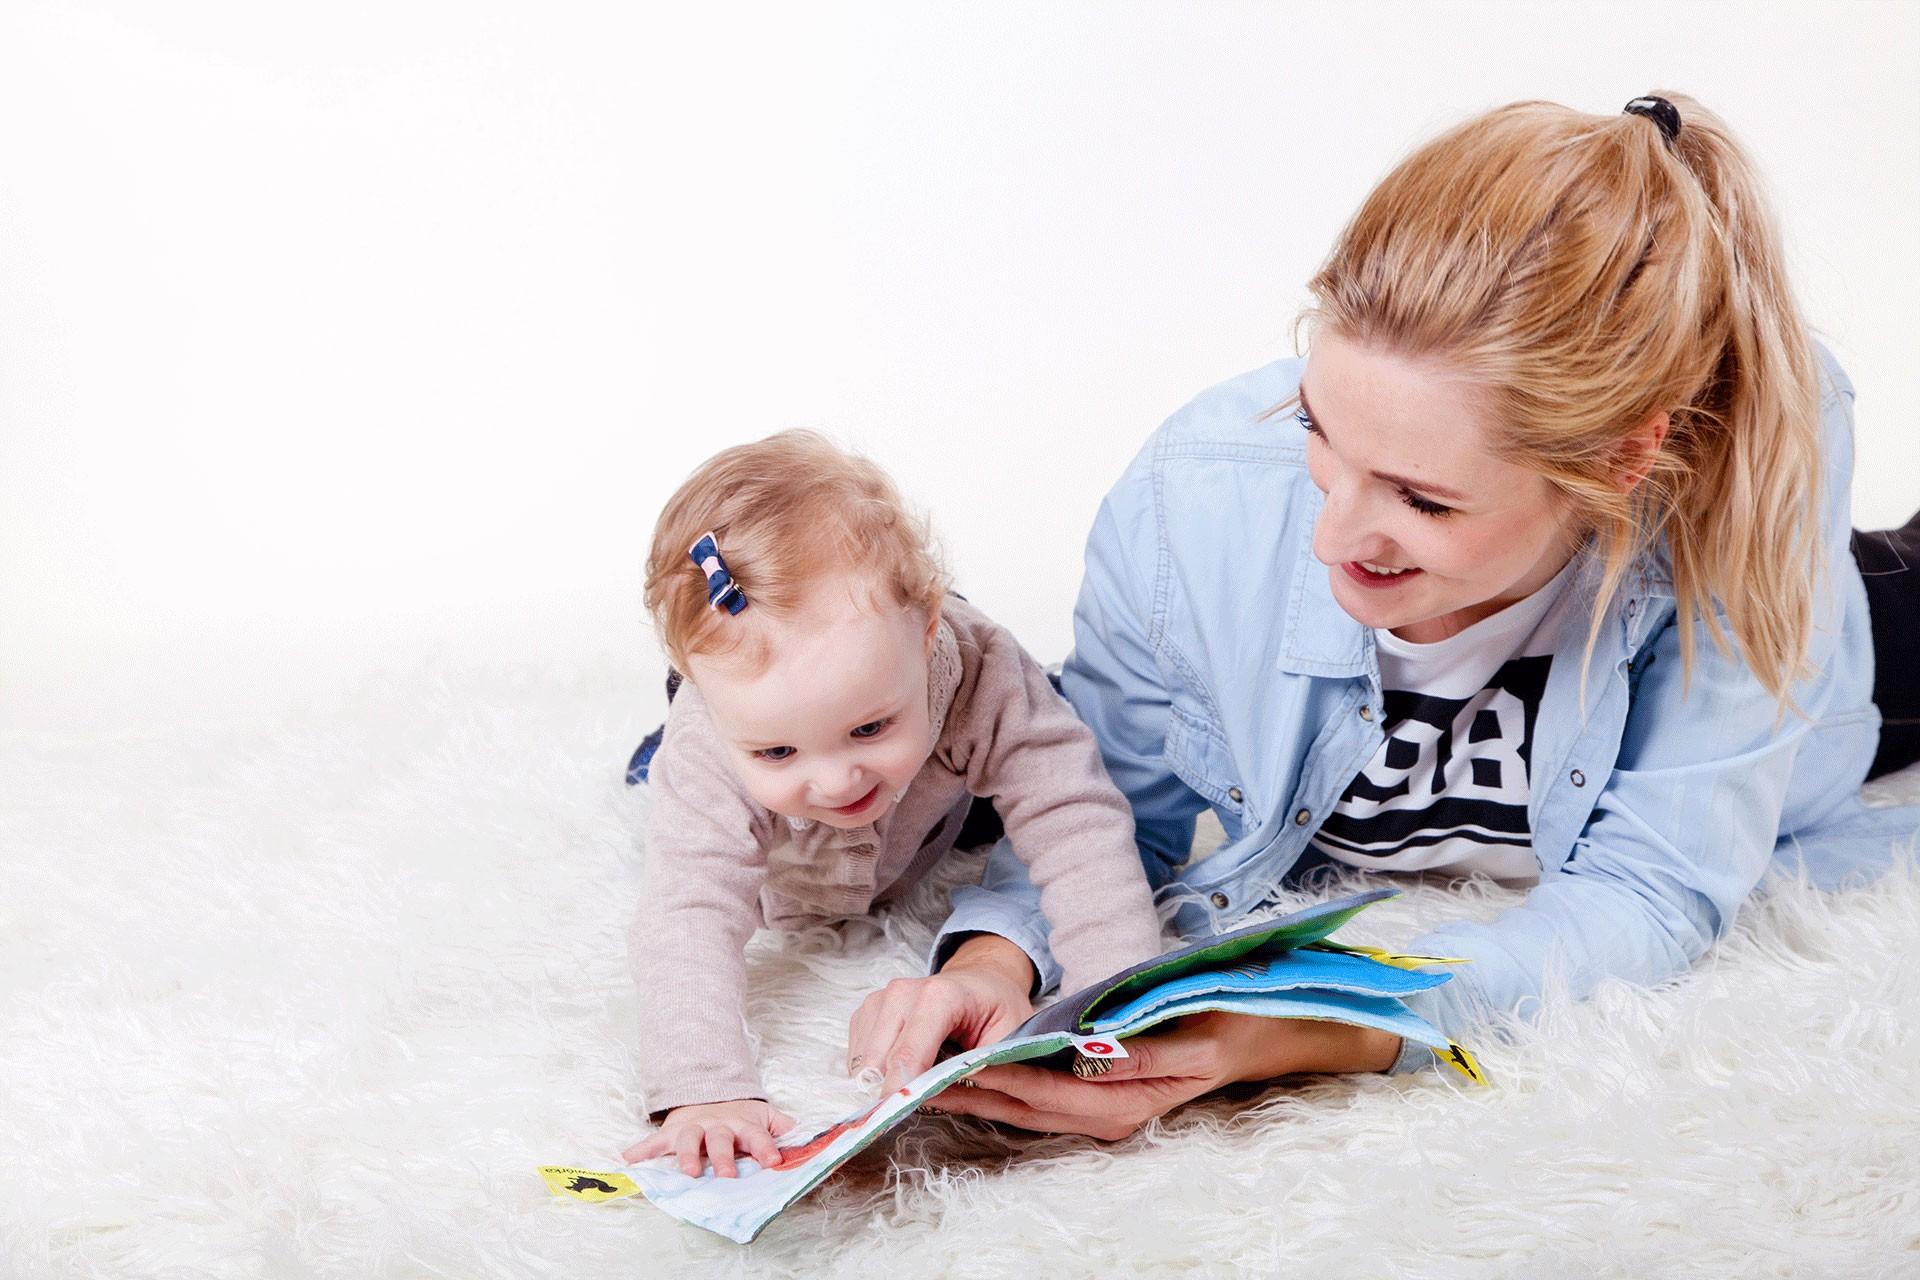 Renkli bir kitapla eğlenen bebek ve anne.